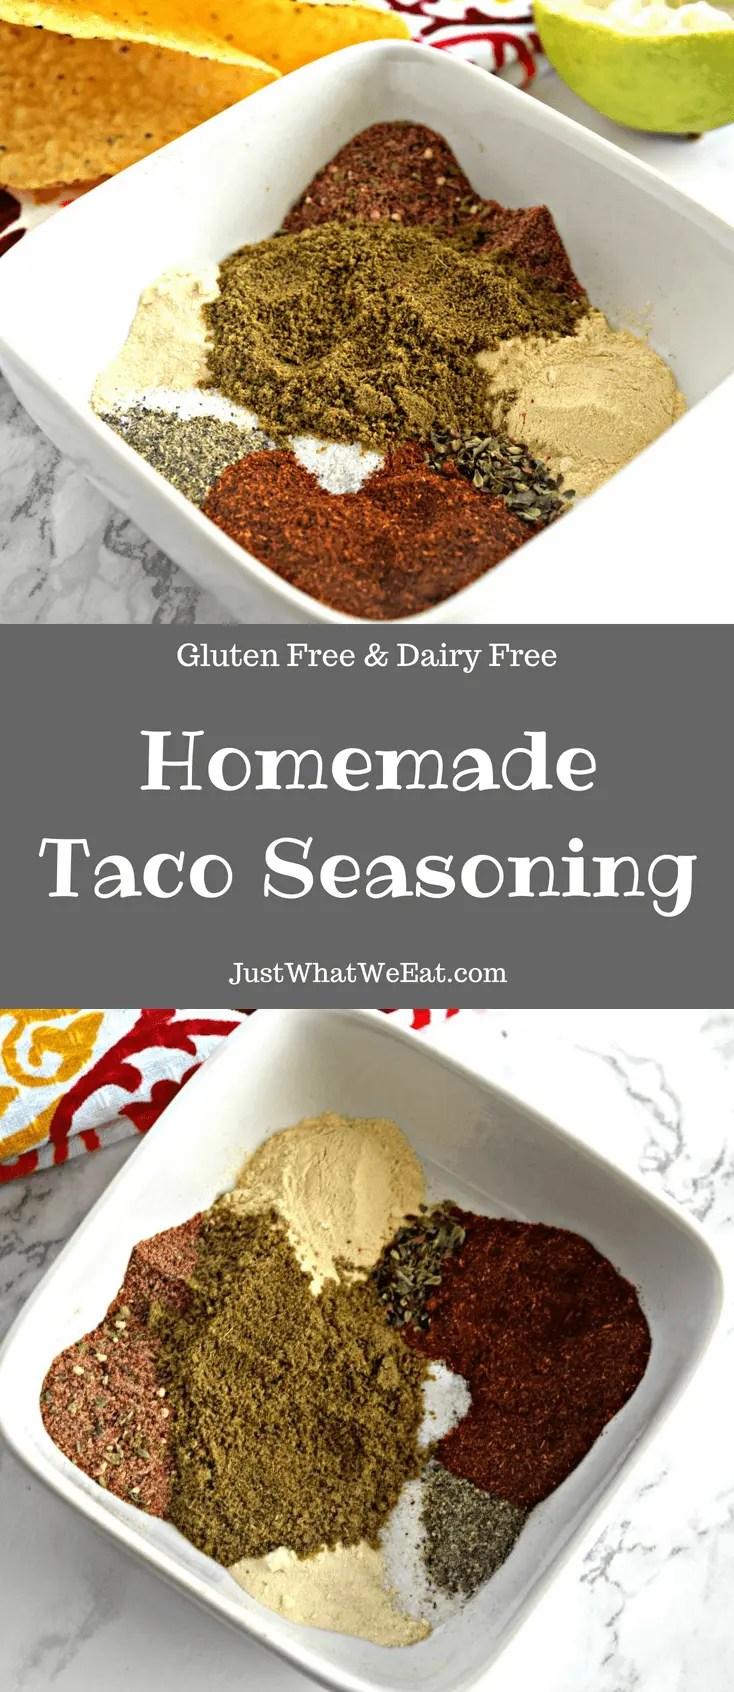 Homemade Taco Seasoning - Gluten Free & Dairy Free